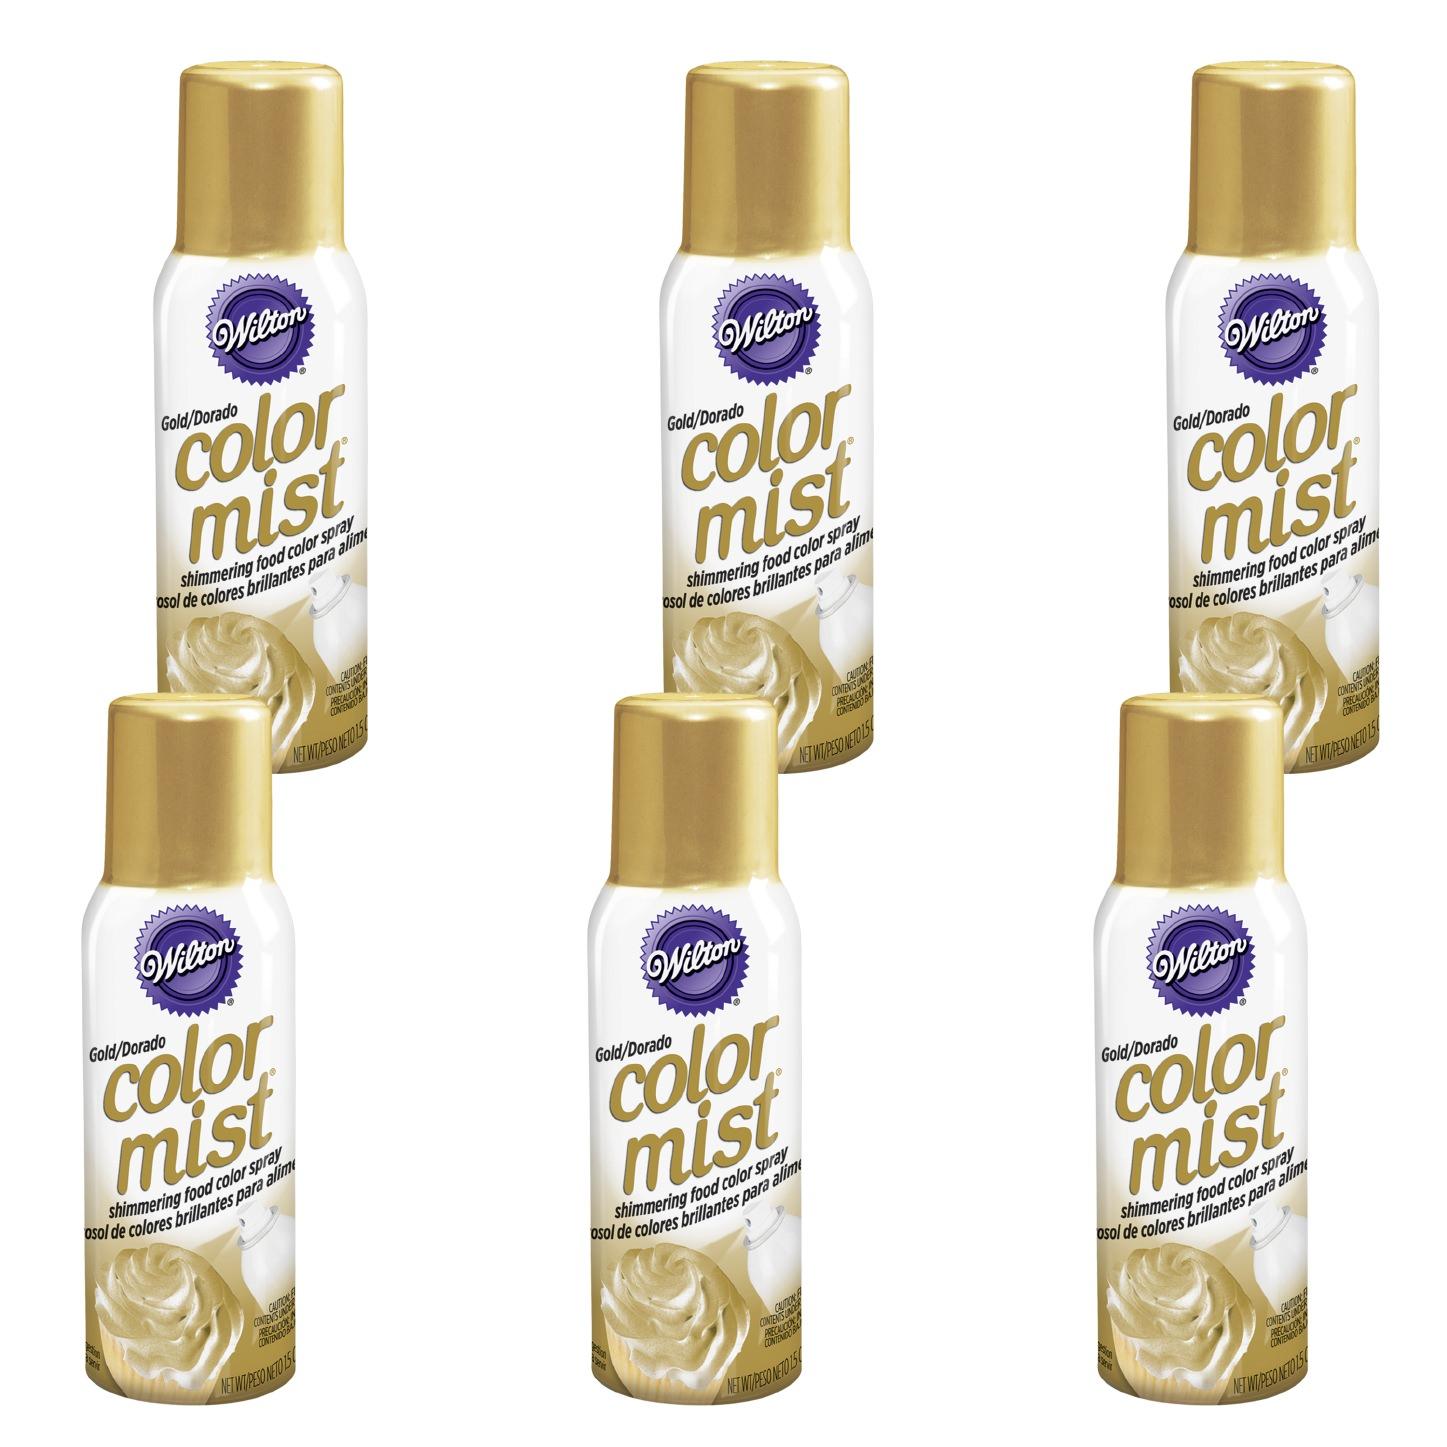 (6 Pack) Wilton Gold Color Mist Shimmering Food Color Spray, 1.5 oz.